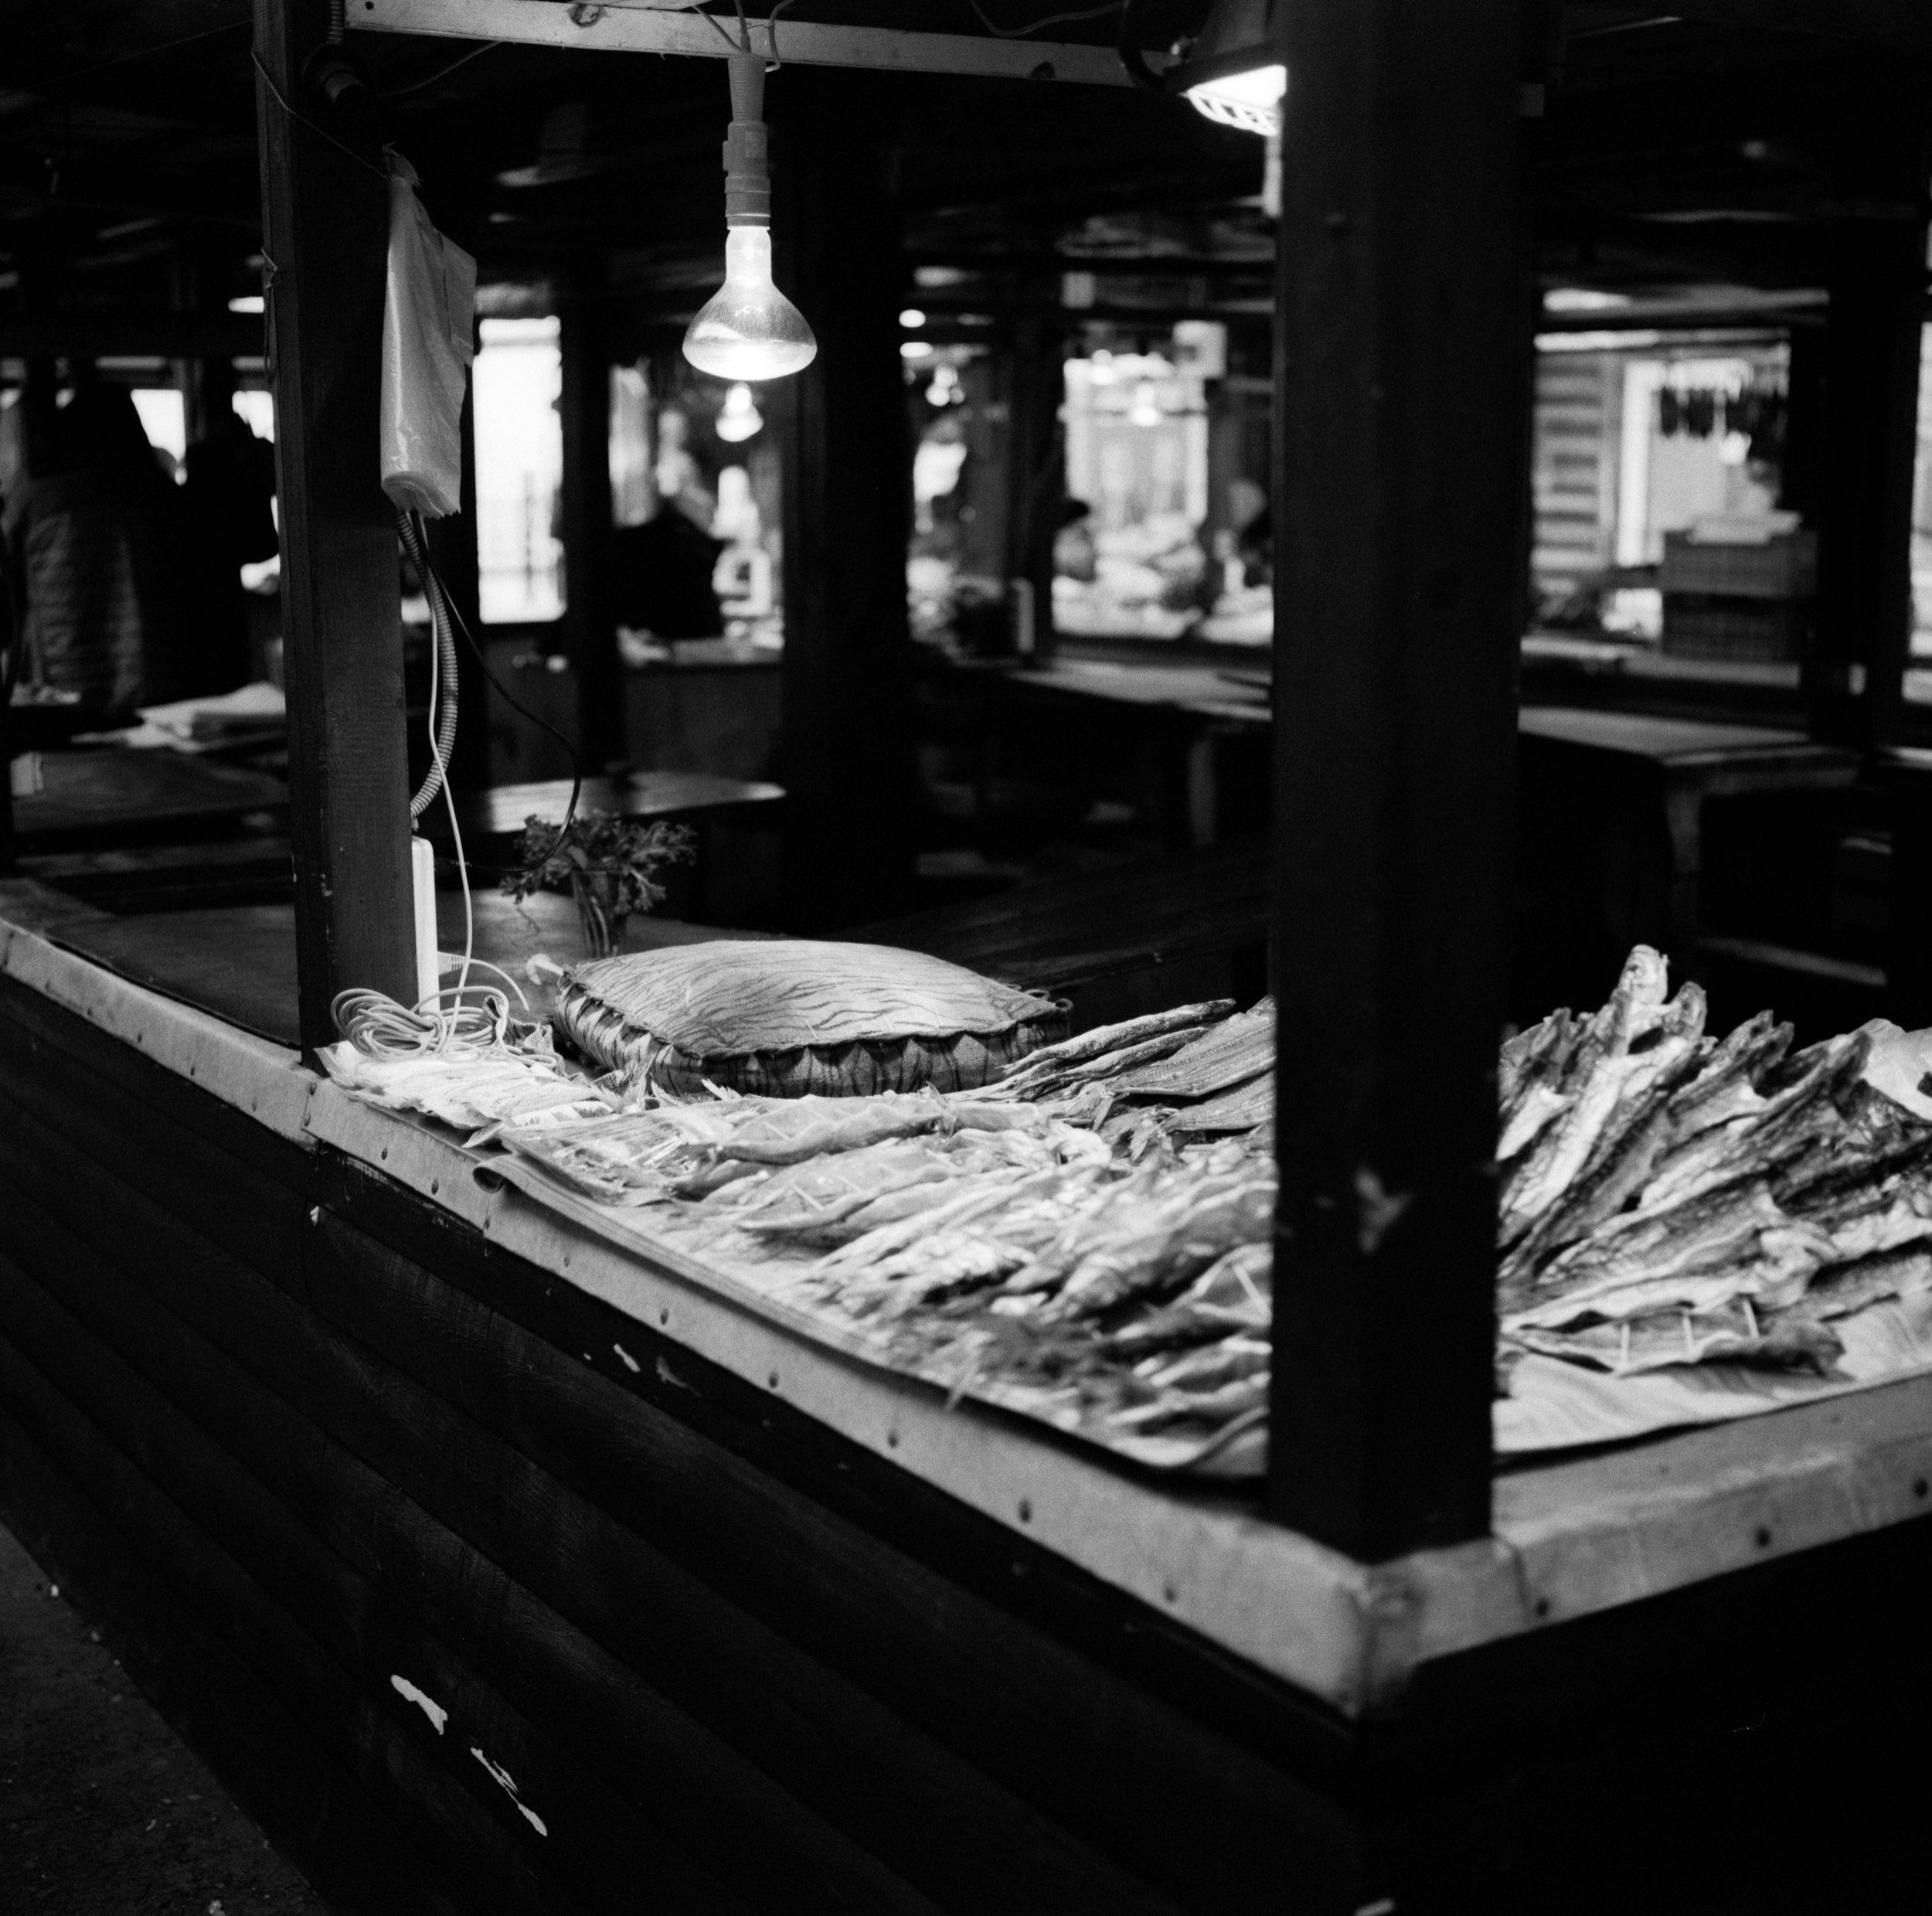 Omul at the market Fuji GF670   Ilford HP5